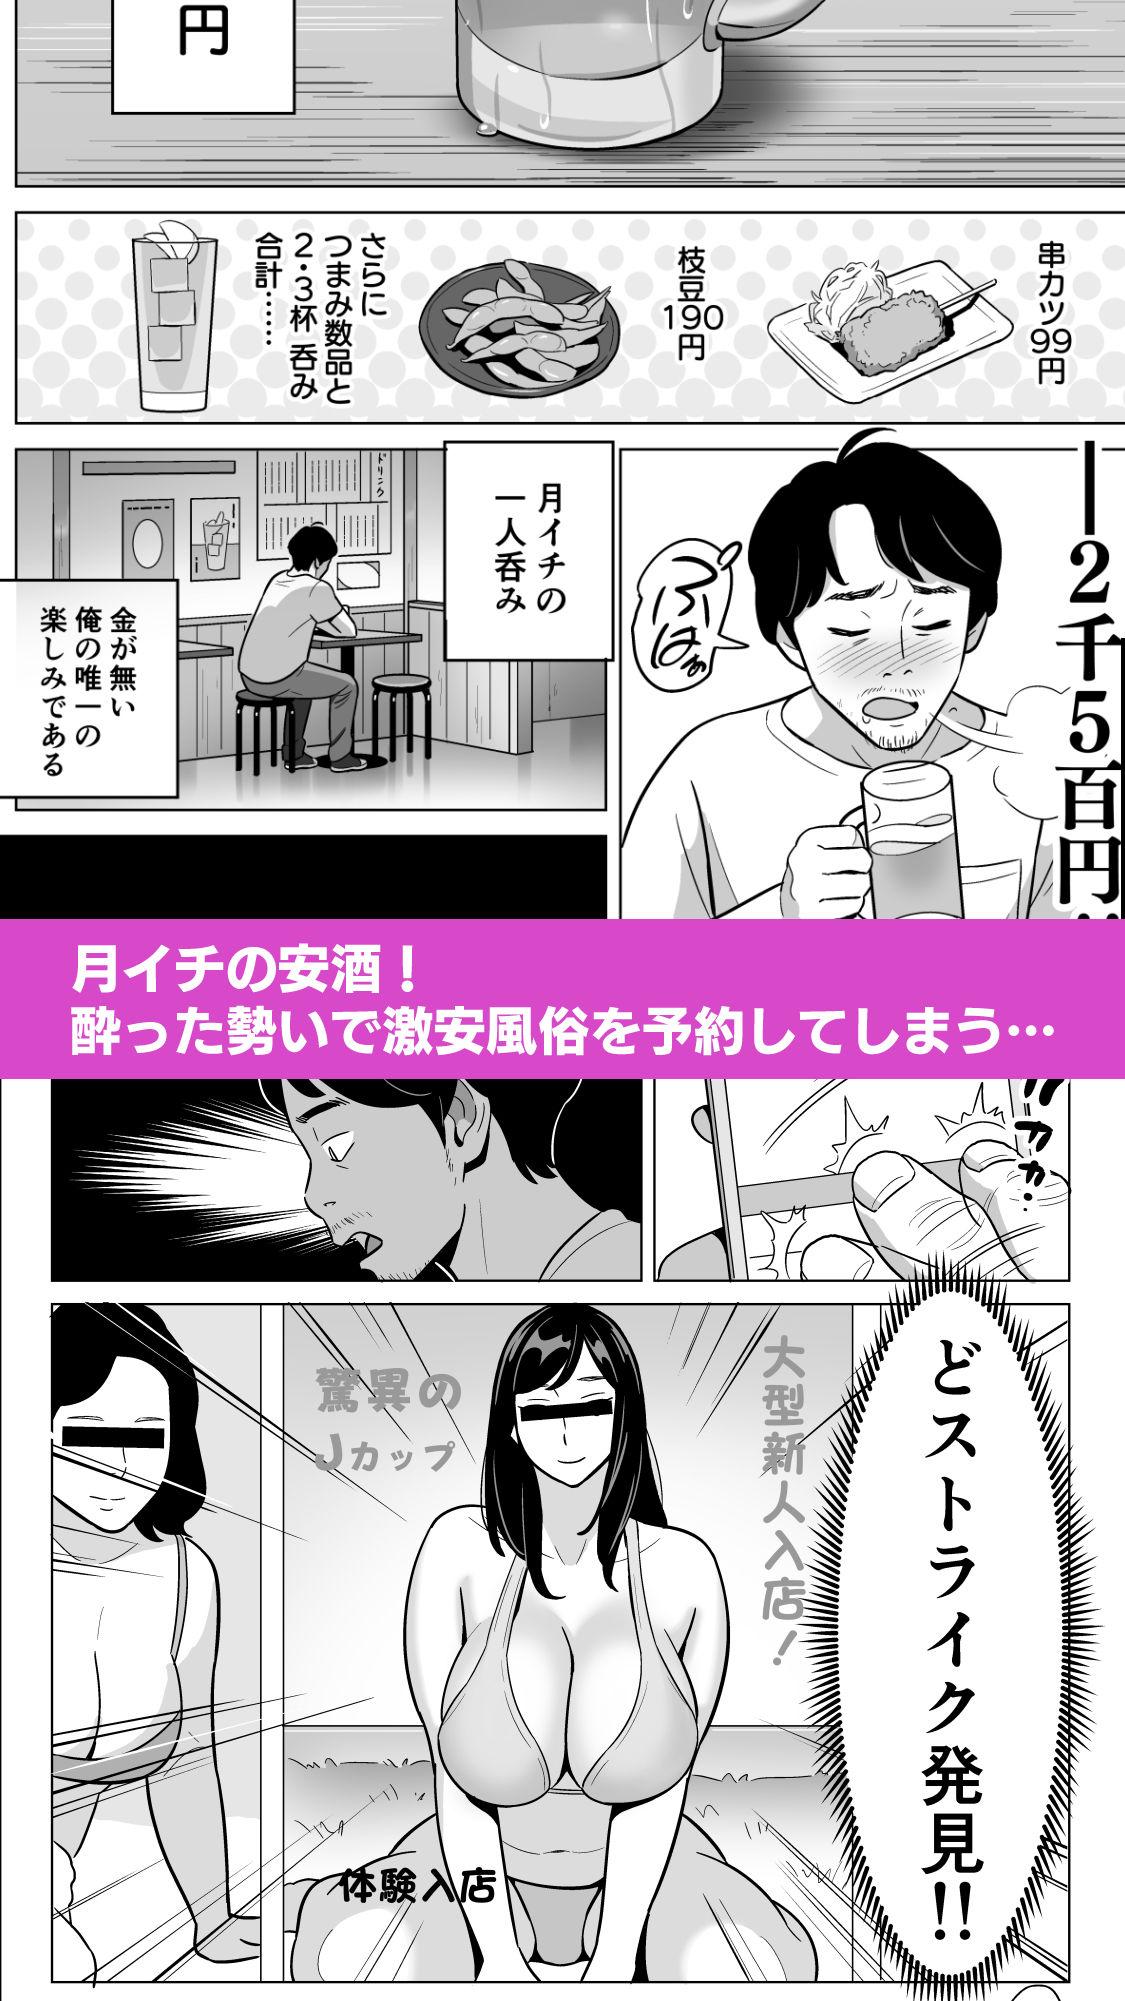 【朗報】激安風俗で大当たり引いたwww3